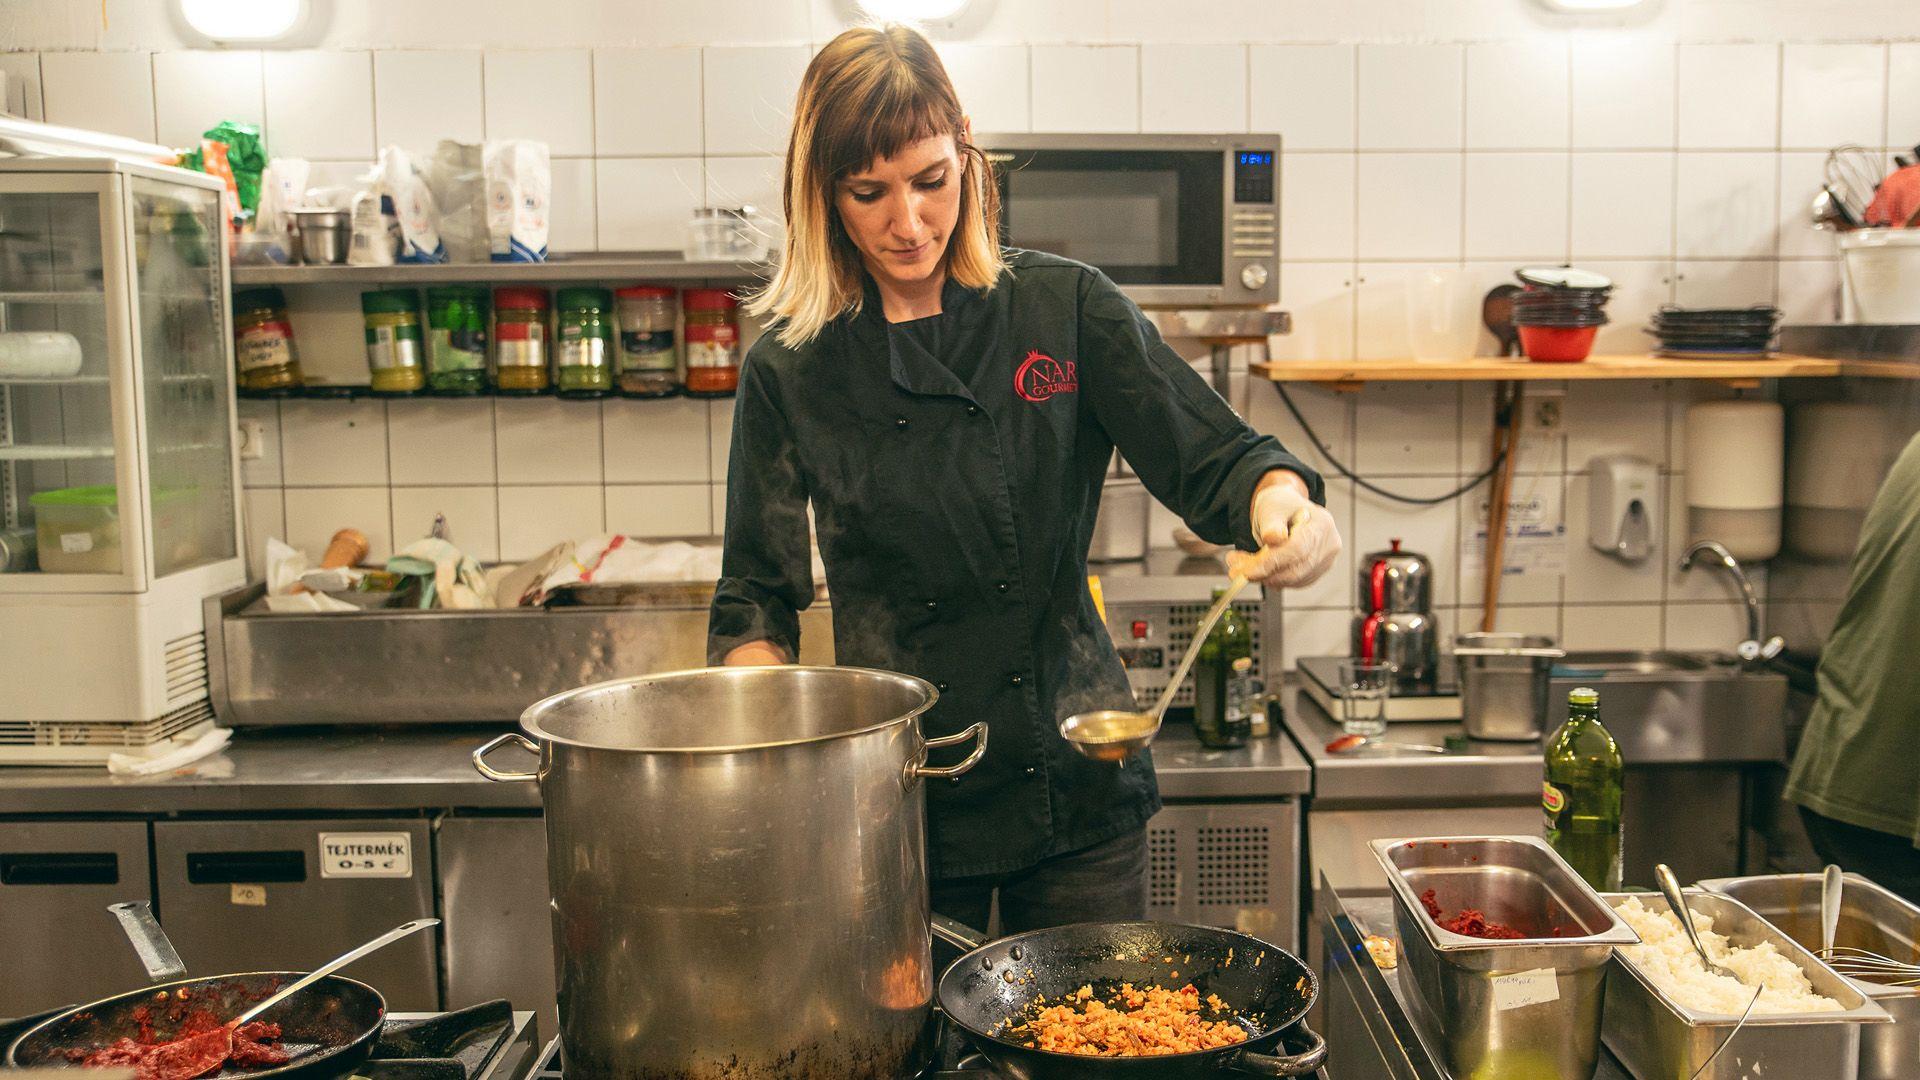 Ági másfél éve úgy döntött, feladja közszolgálati állását, és szabadúszó szakács lesz